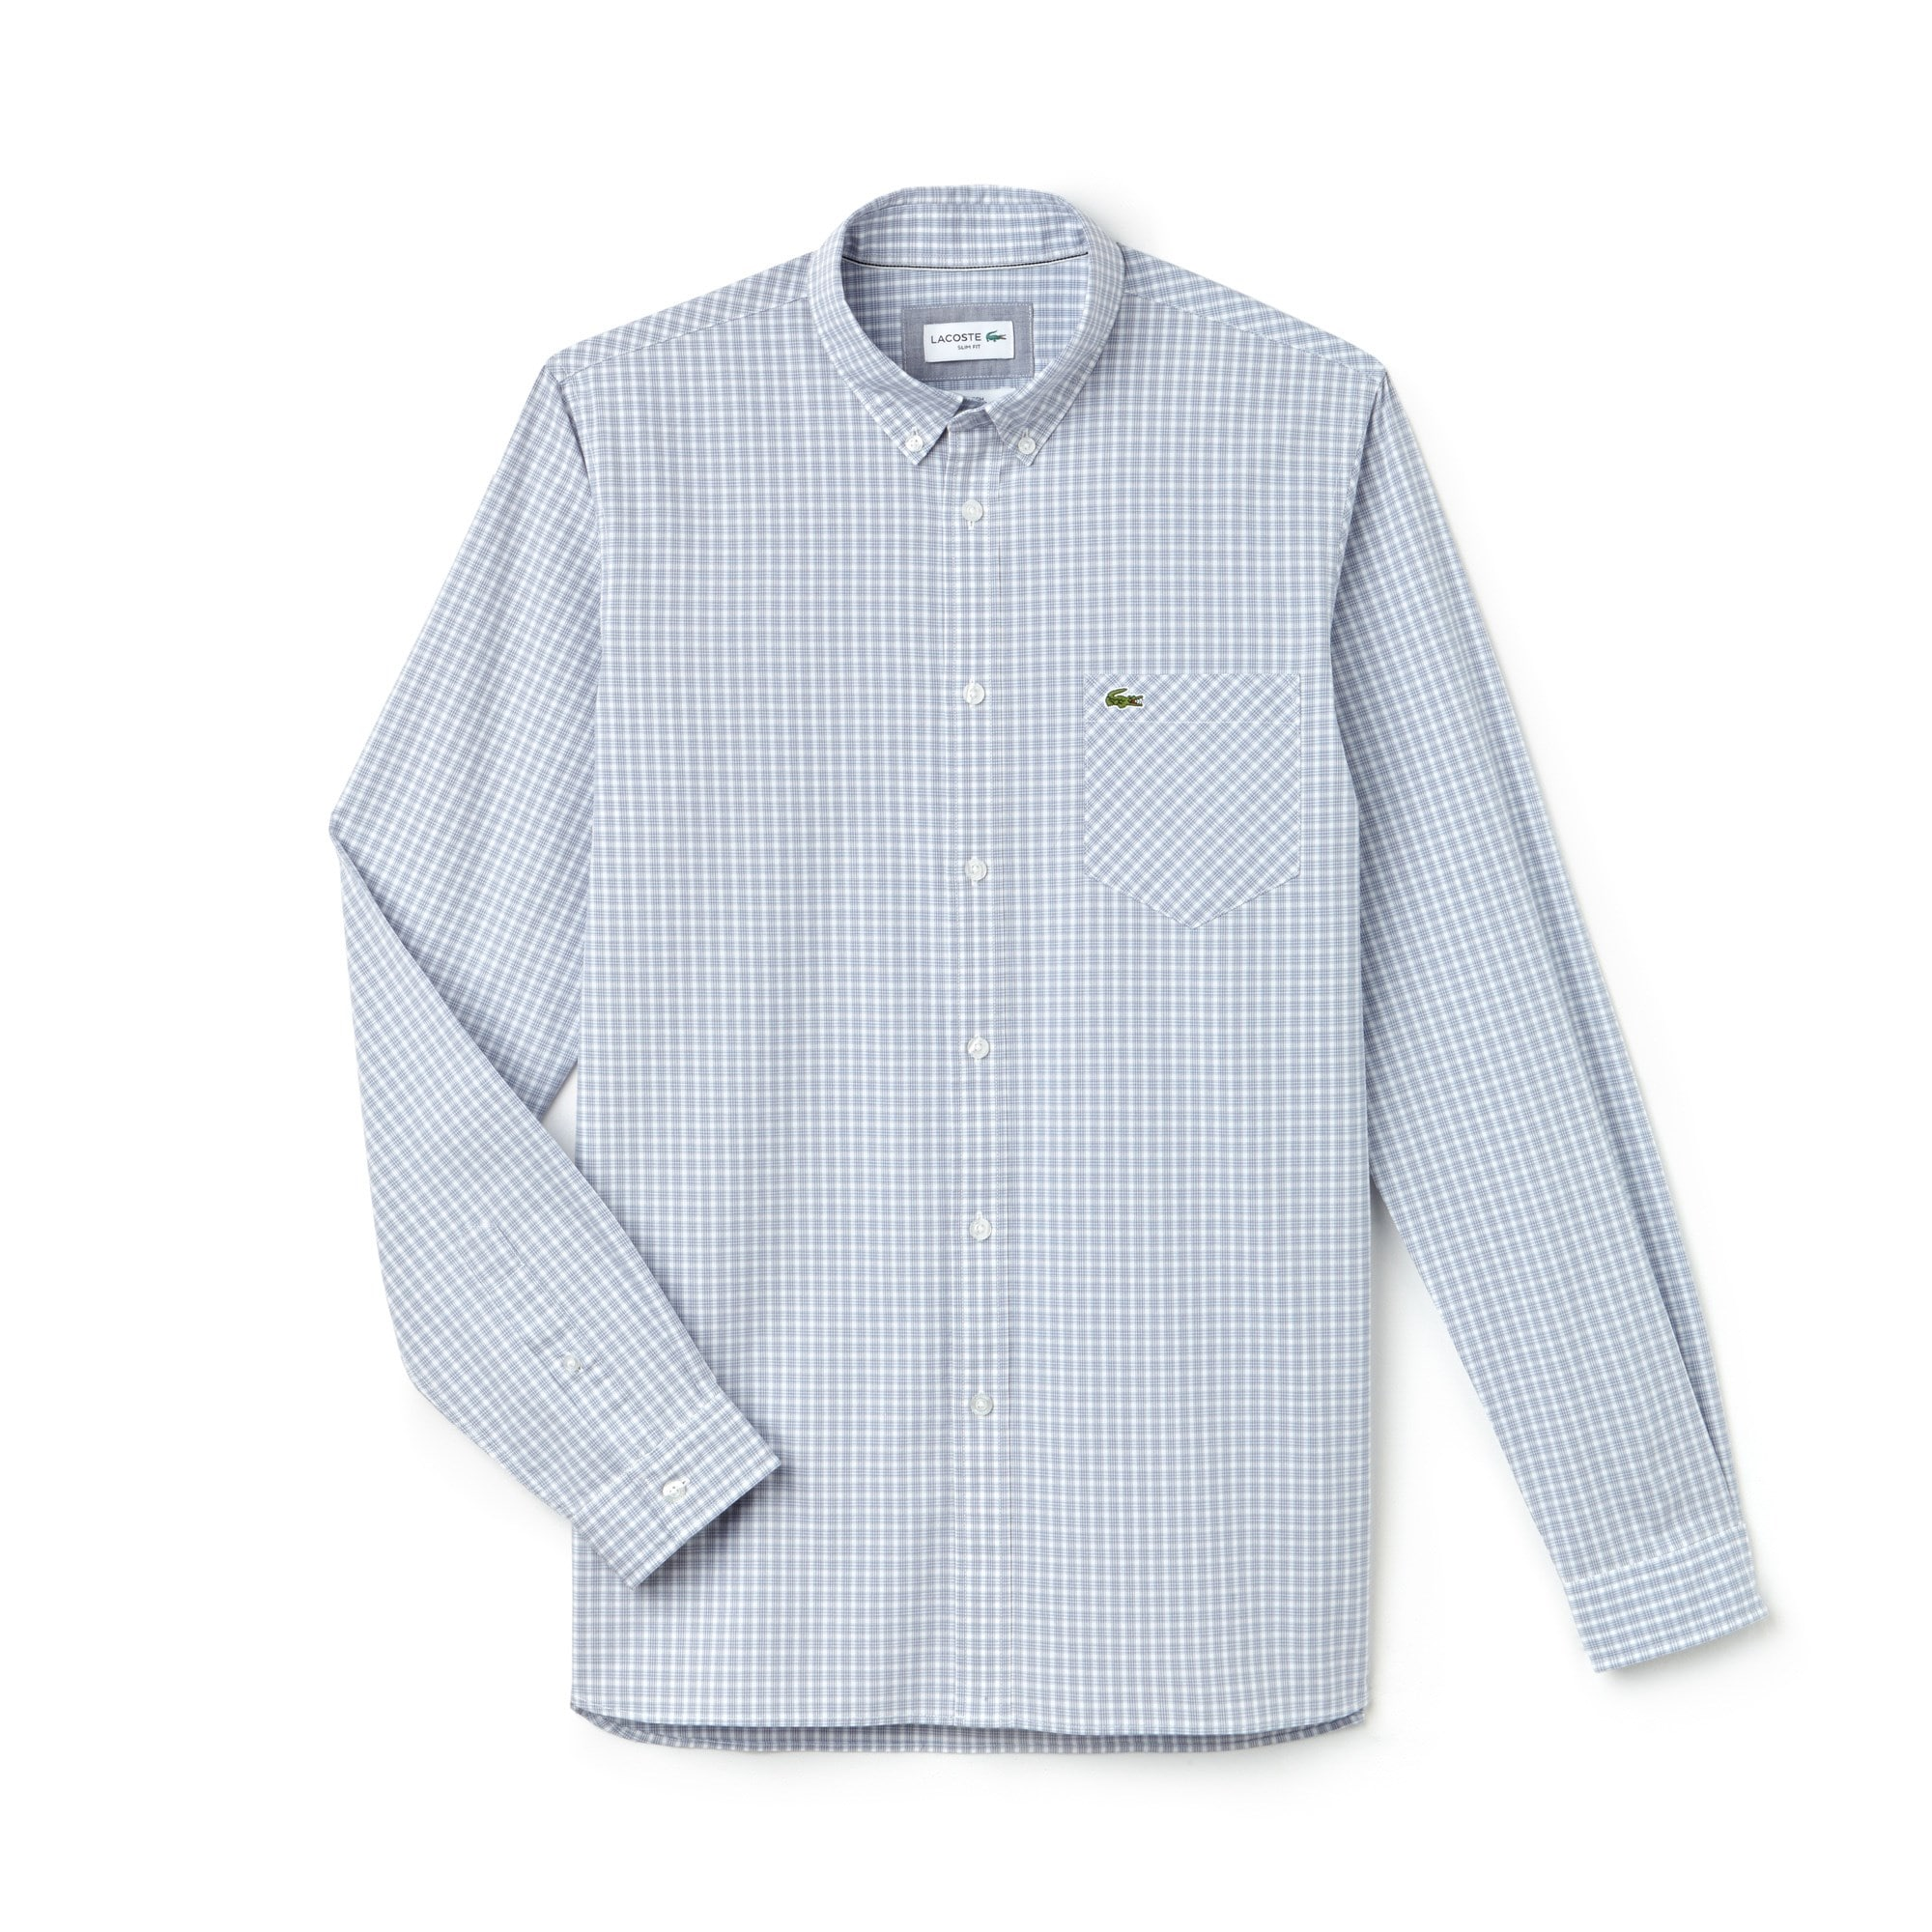 Slim Fit Herren-Hemd aus karierter Baumwoll-Popeline mit Stretch